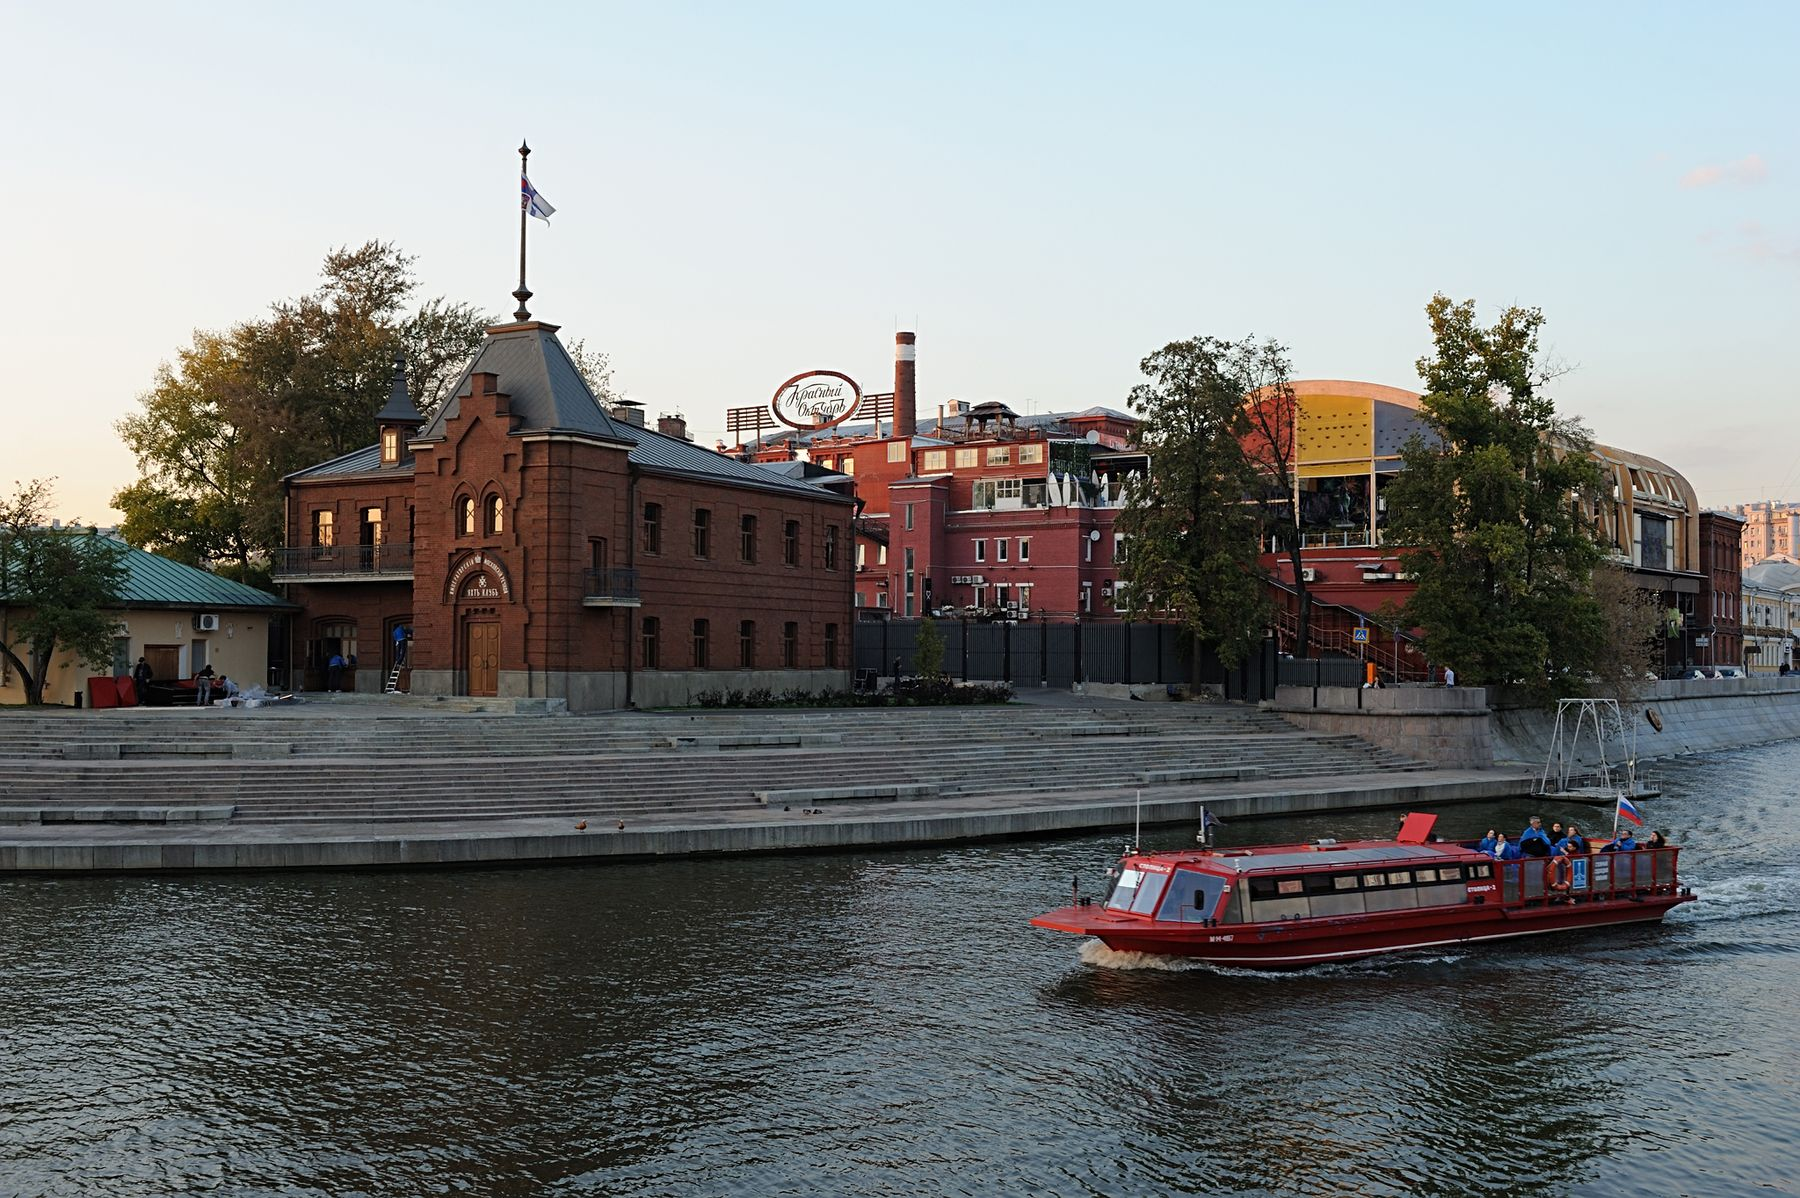 Красный Октябрь (кондитерская фабрика) Россия Москва красный октябрь Москва-река